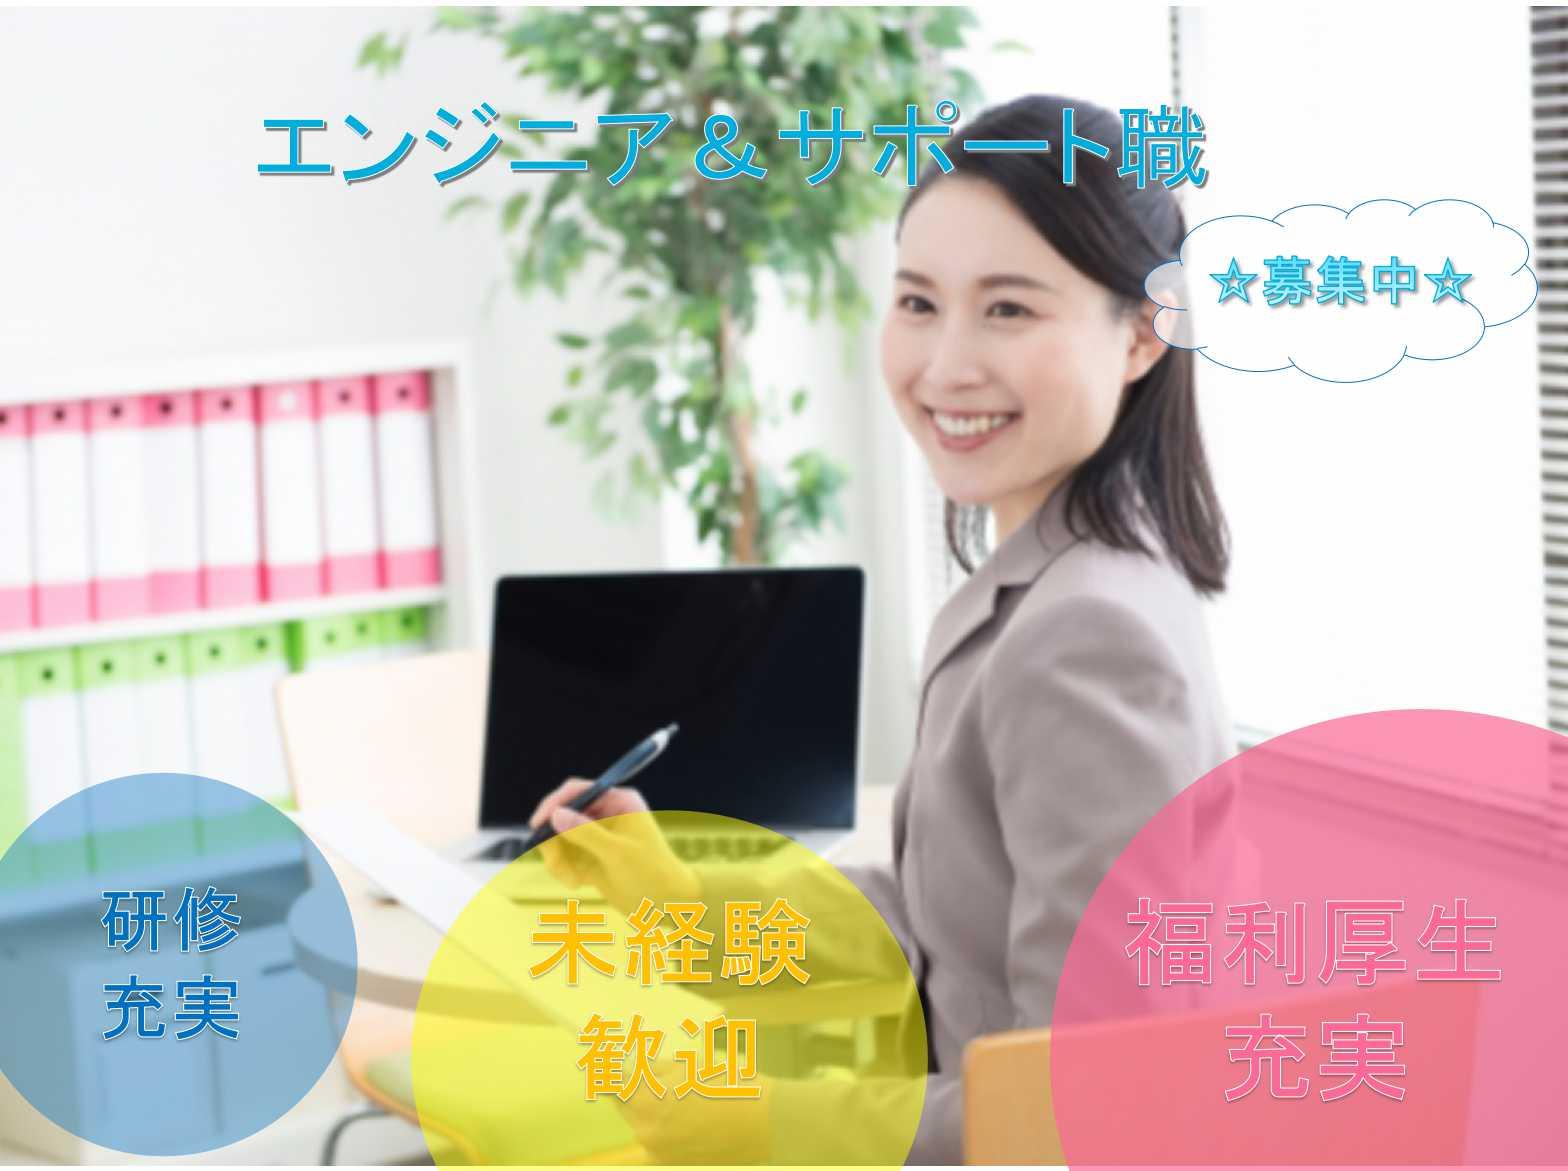 【茨城県全域】✭研修充実✭未経験でも安心✭エンジニア&サポート職✭正社員募集中✭ イメージ